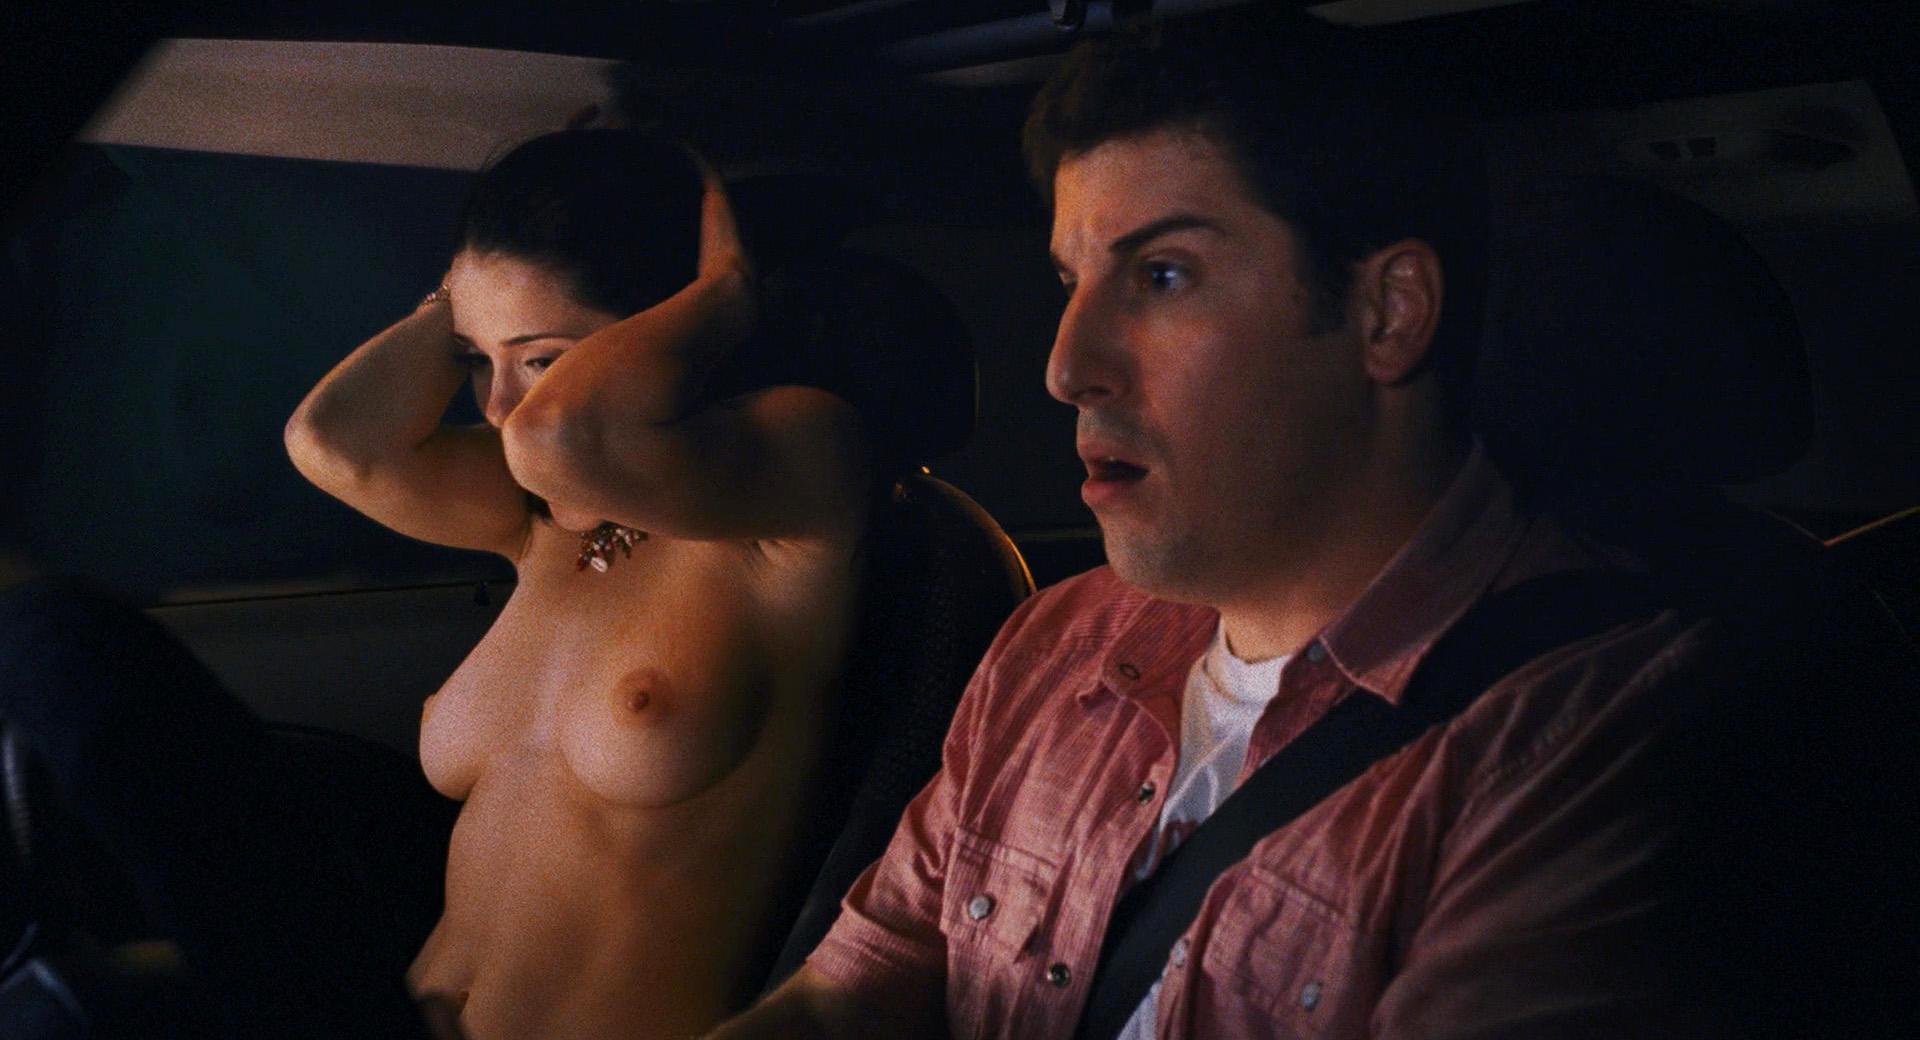 Hot naked women spring break videos